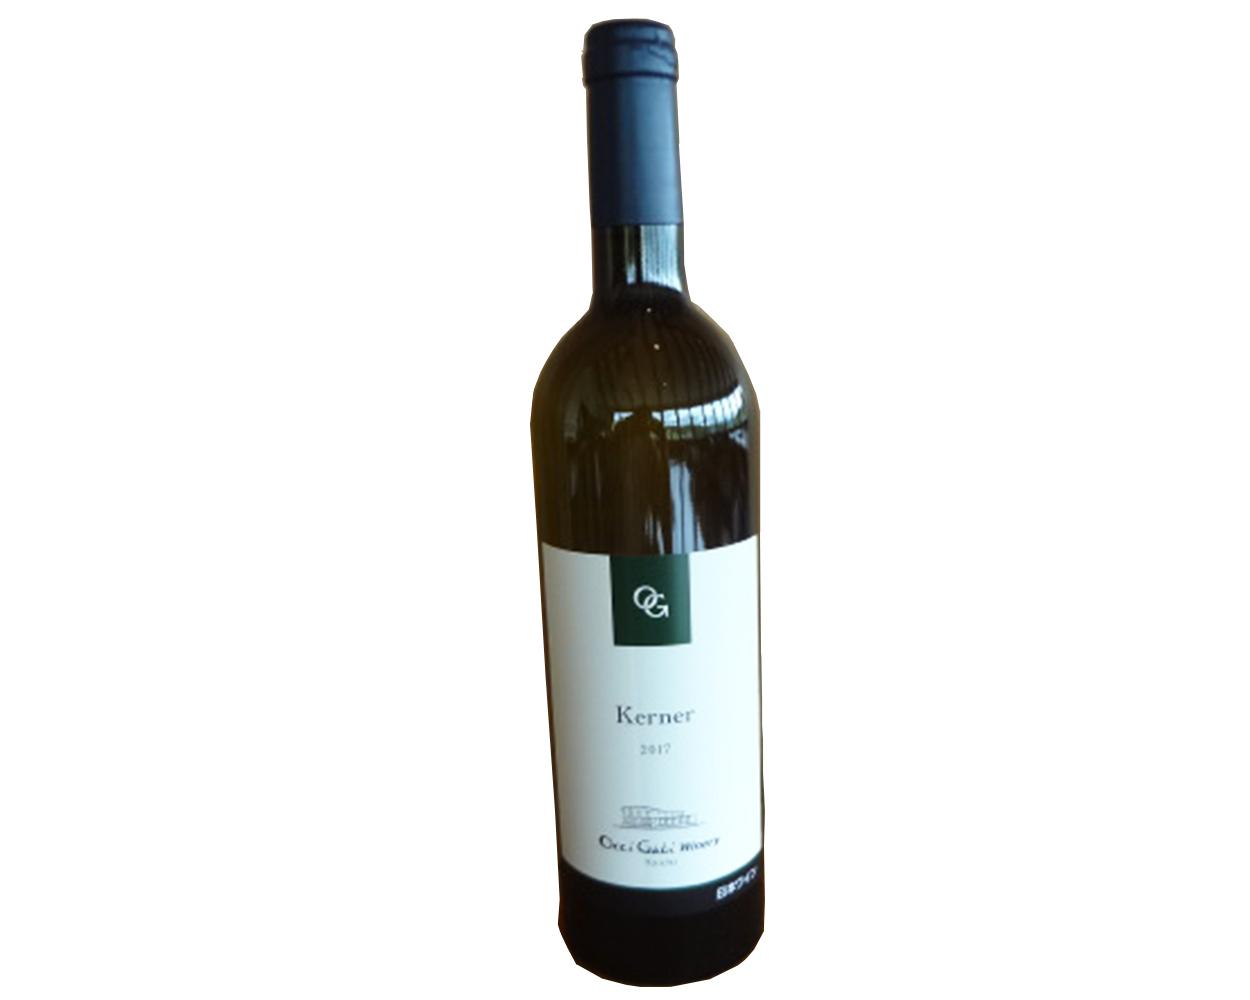 白ワイン ケルナー 2017 750ml